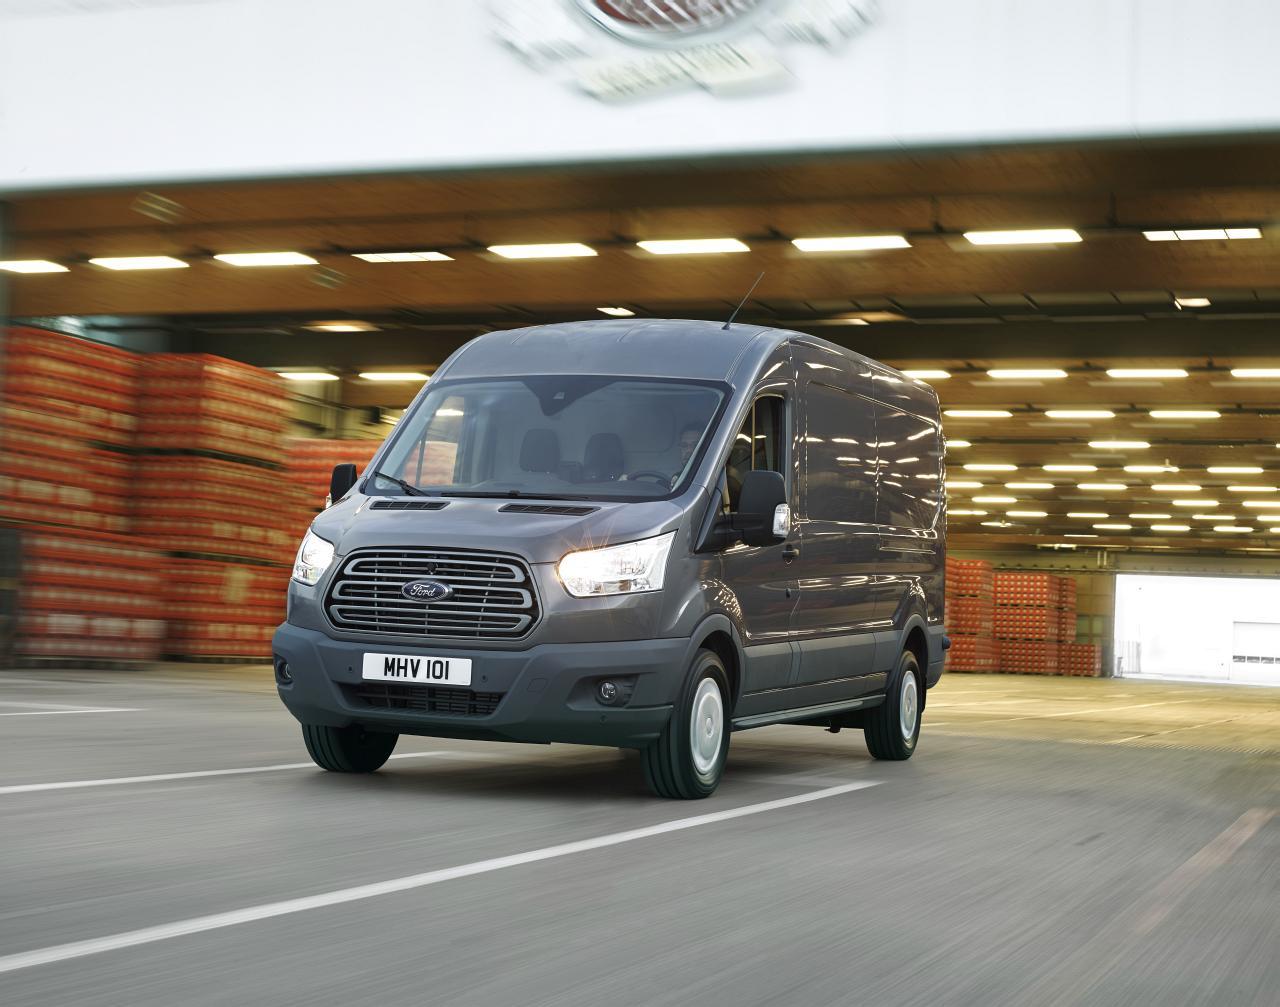 Ford TRANSIT - Günstige Service- und Reparaturkosten. Der Wagen soll rollen!